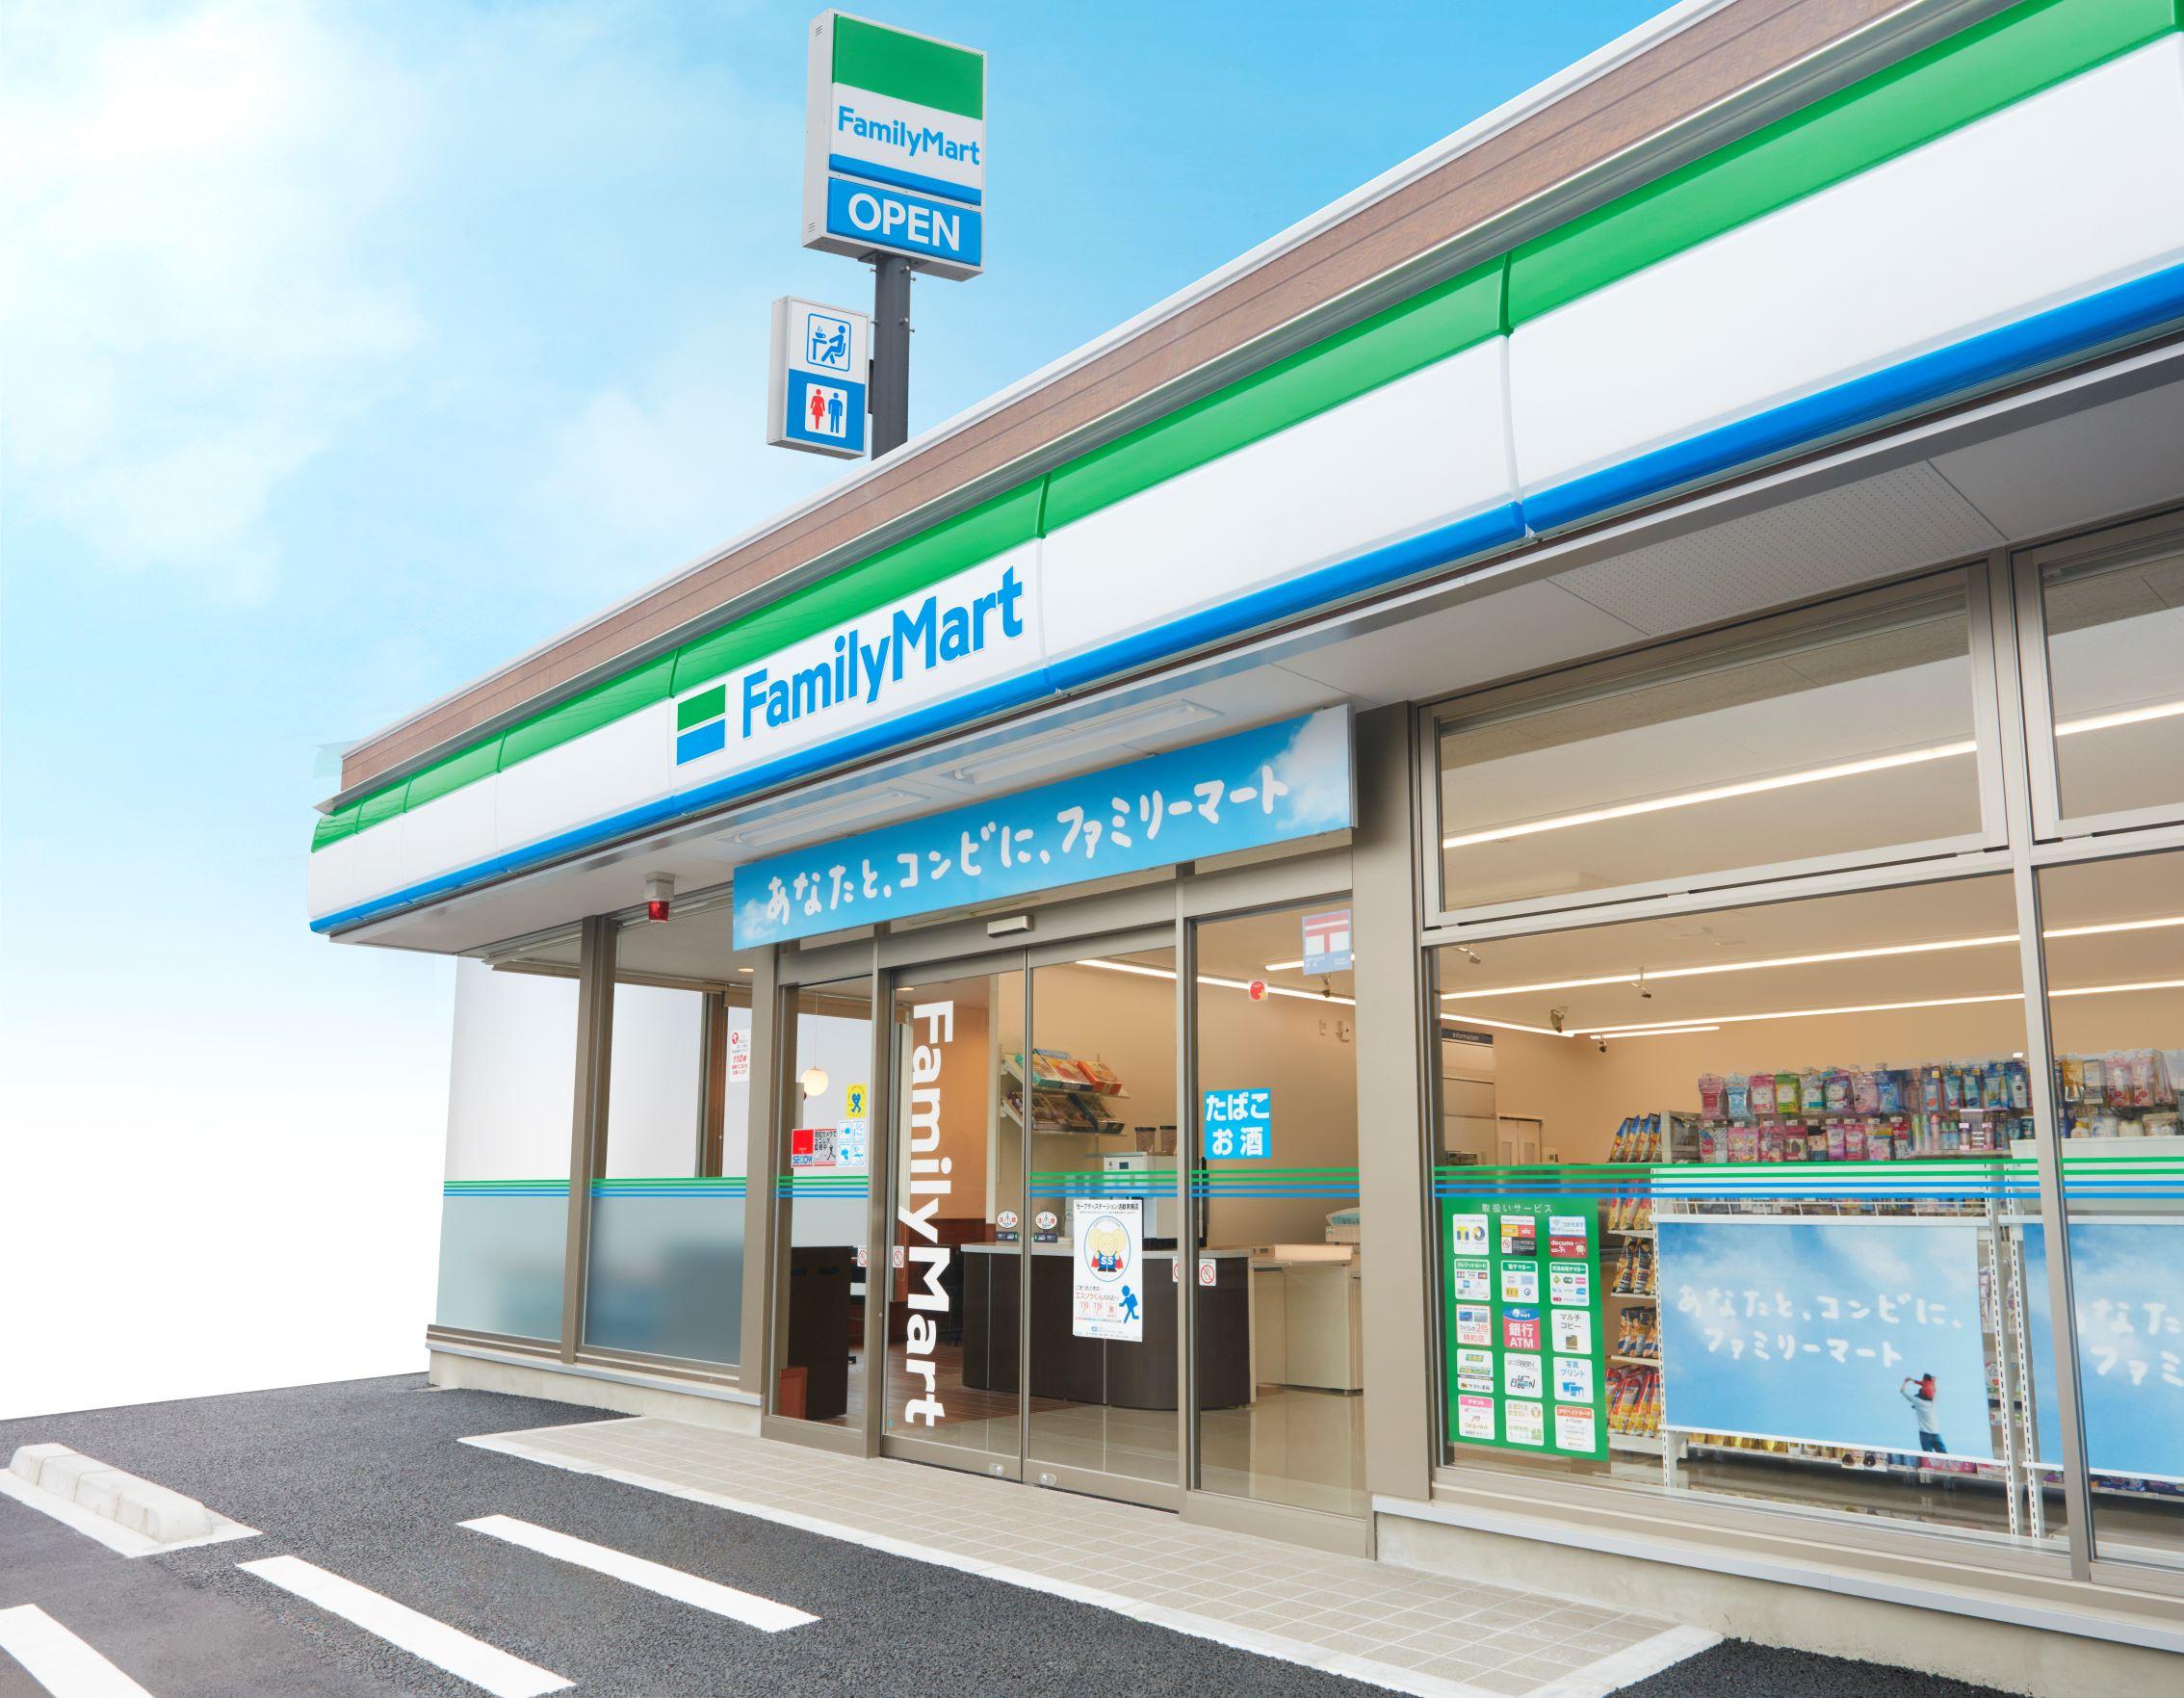 ホテル目の前!ファミリーマート500円分ご利用券付き★ビジネスプラン